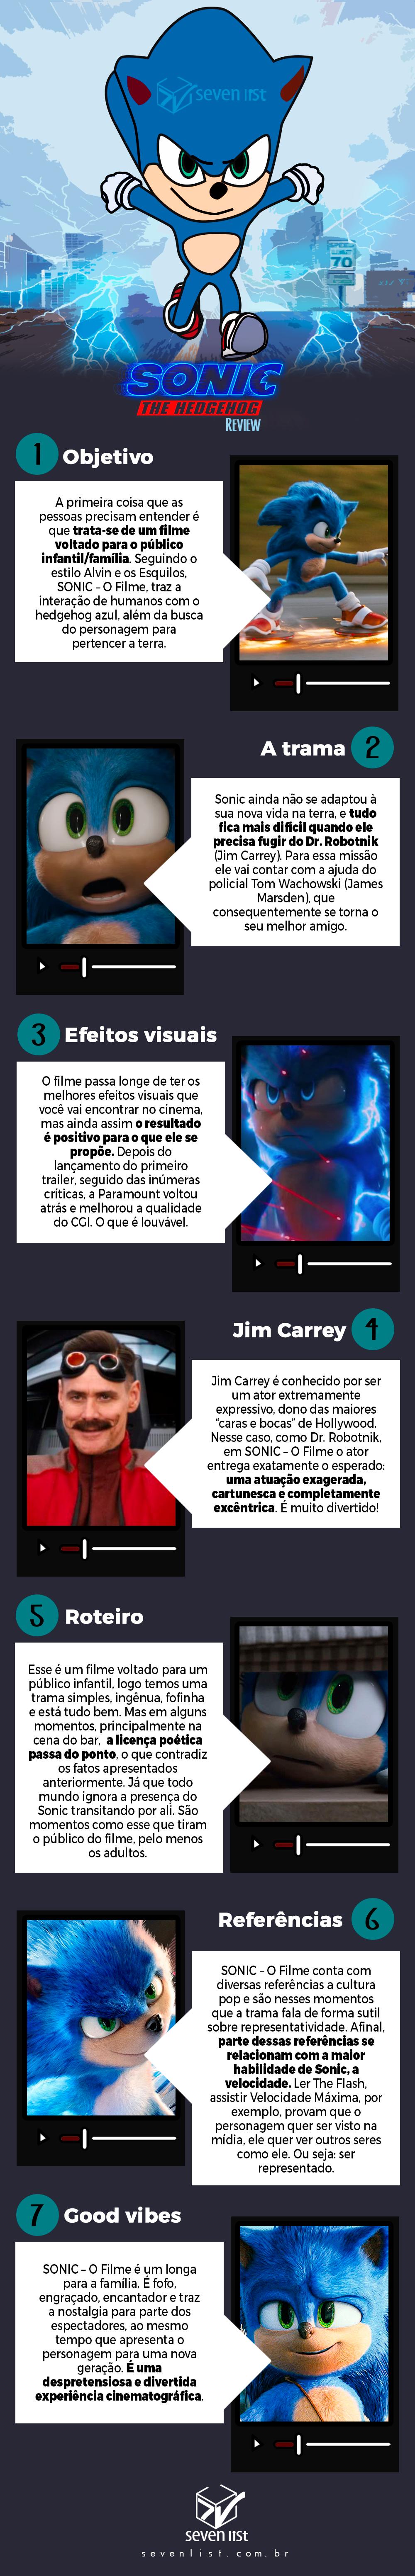 critica do filme Sonic - Seven List